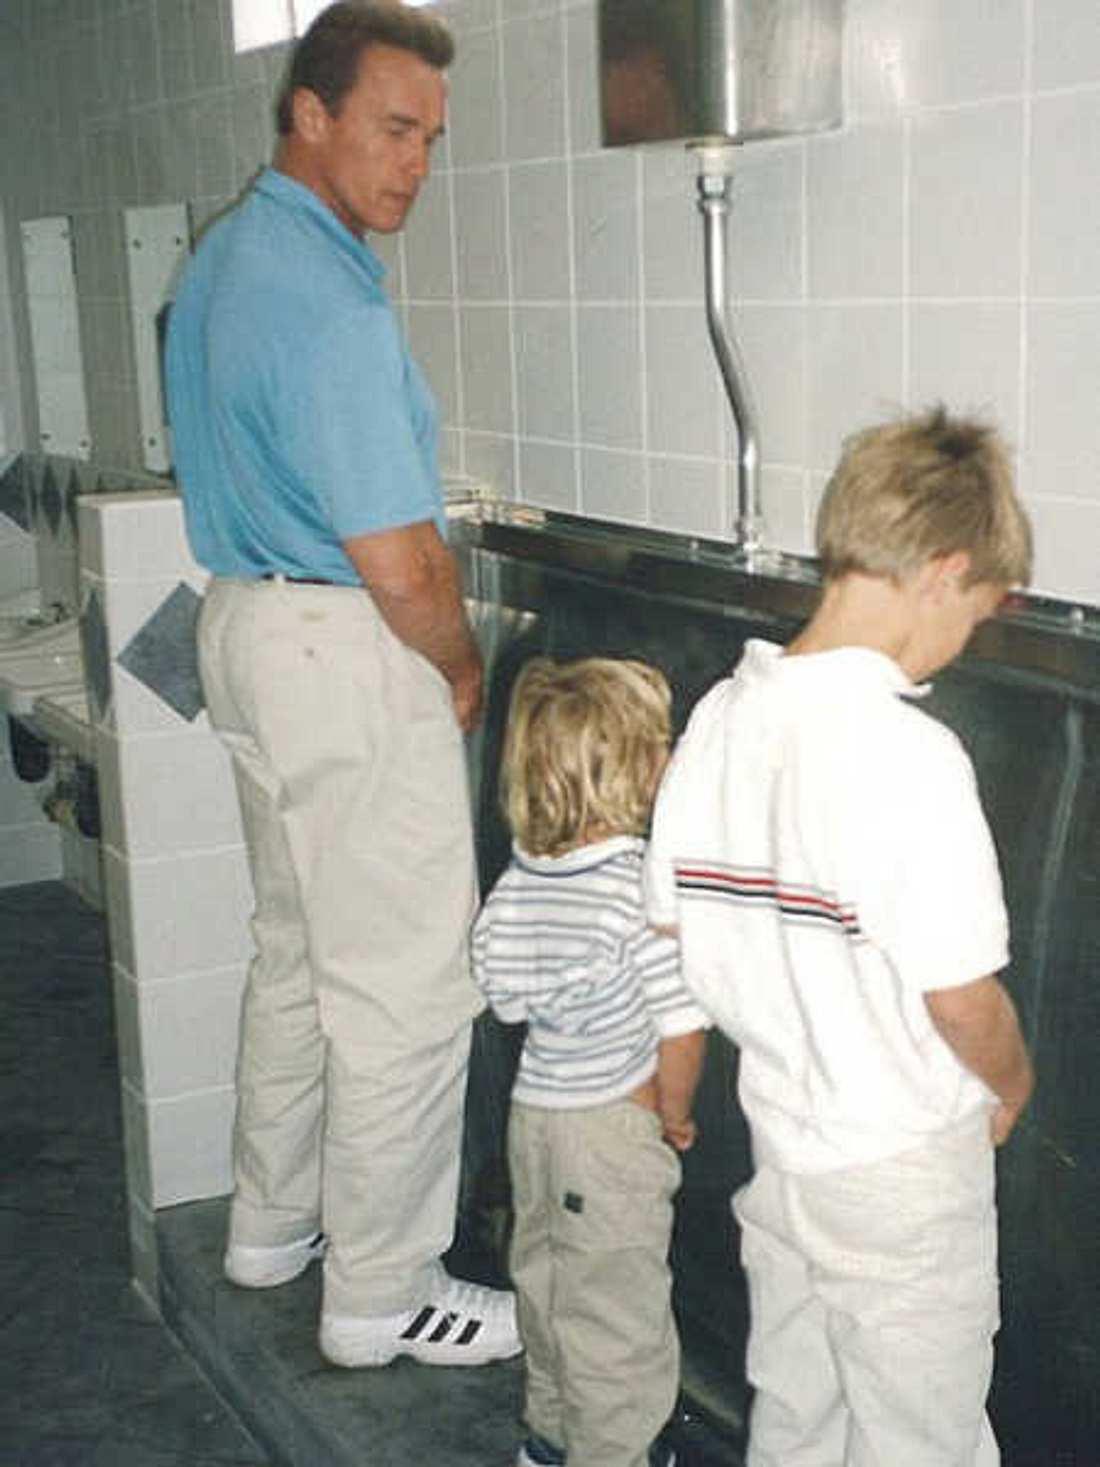 Mit diesem Bild gratulierte Arnold Schwarzenegger seinem Sohn zum Geburtstag.